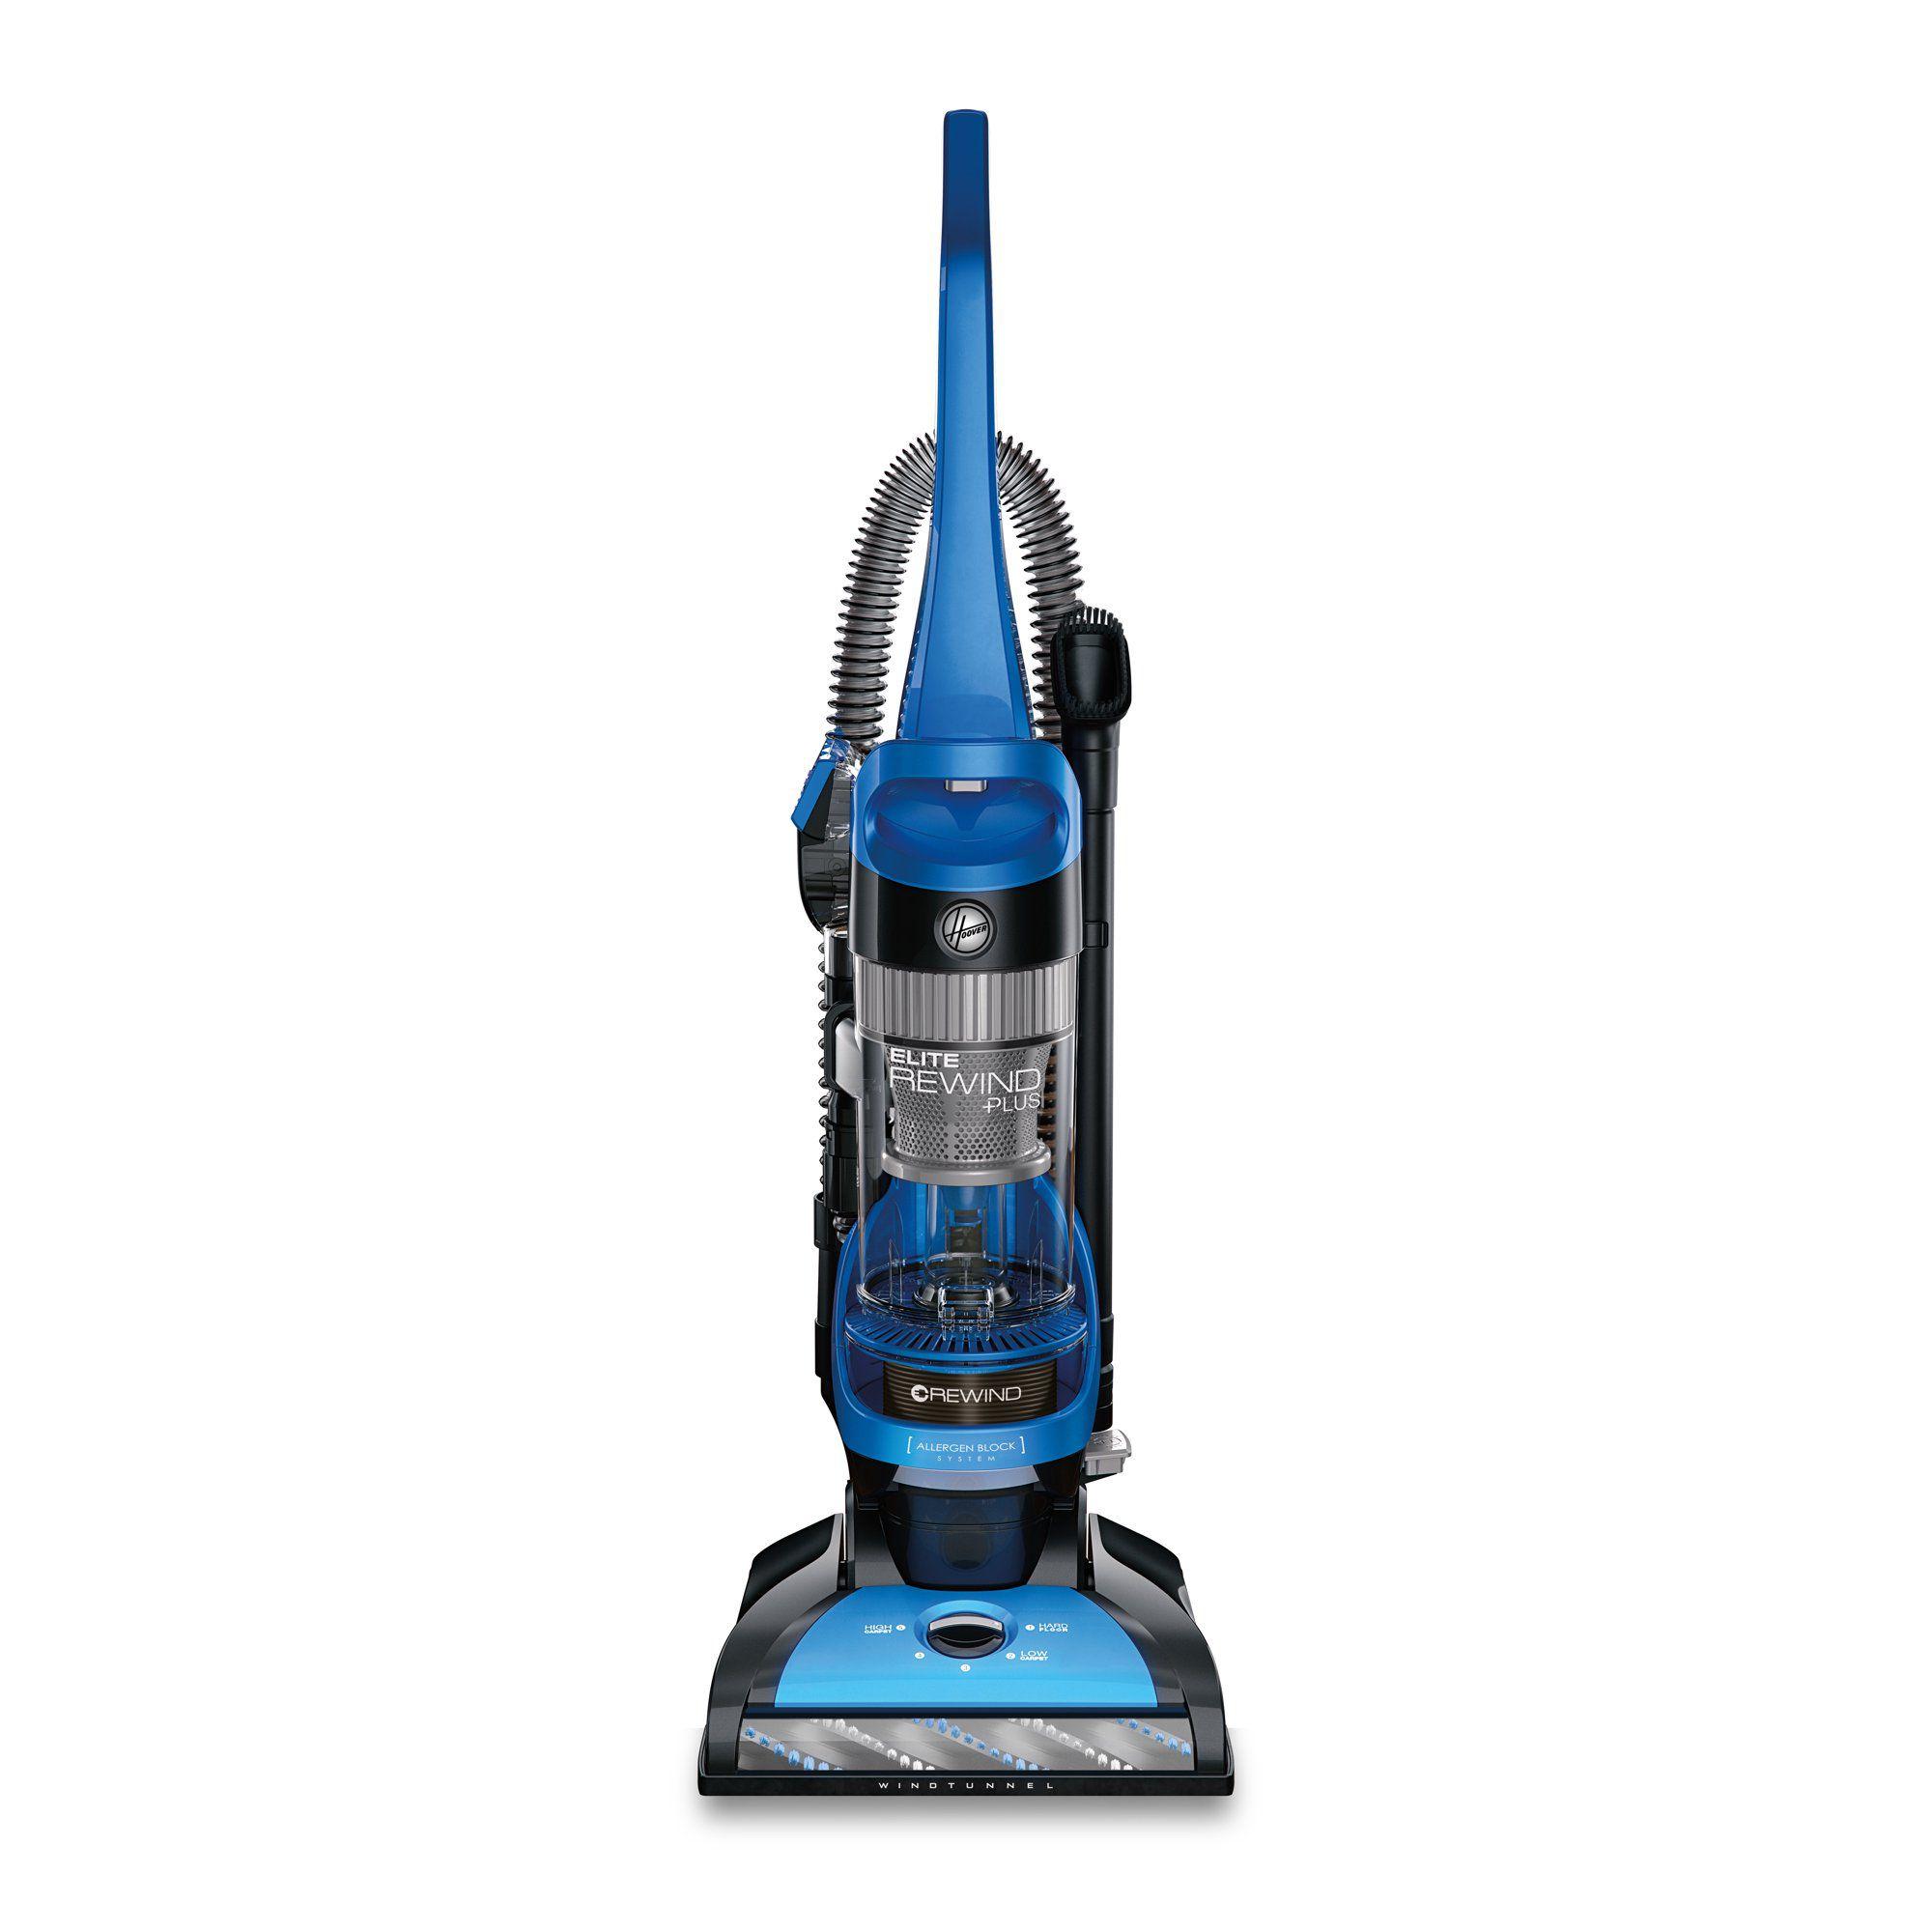 Hoover Elite Rewind Plus Upright Vacuum Cleaner